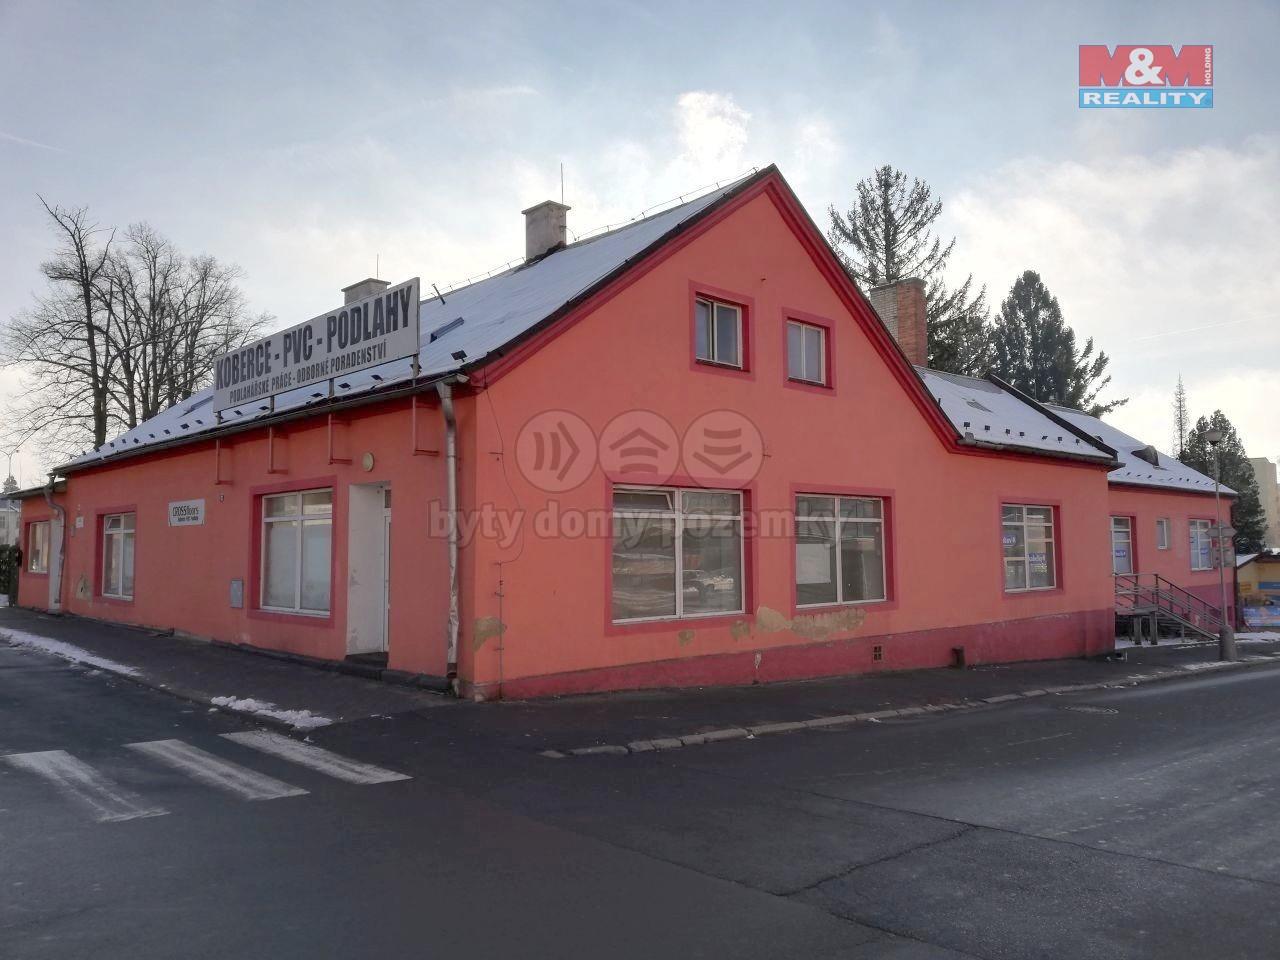 Prodej obchodního objektu, 2648 m², Bruntál, ul. Ruská